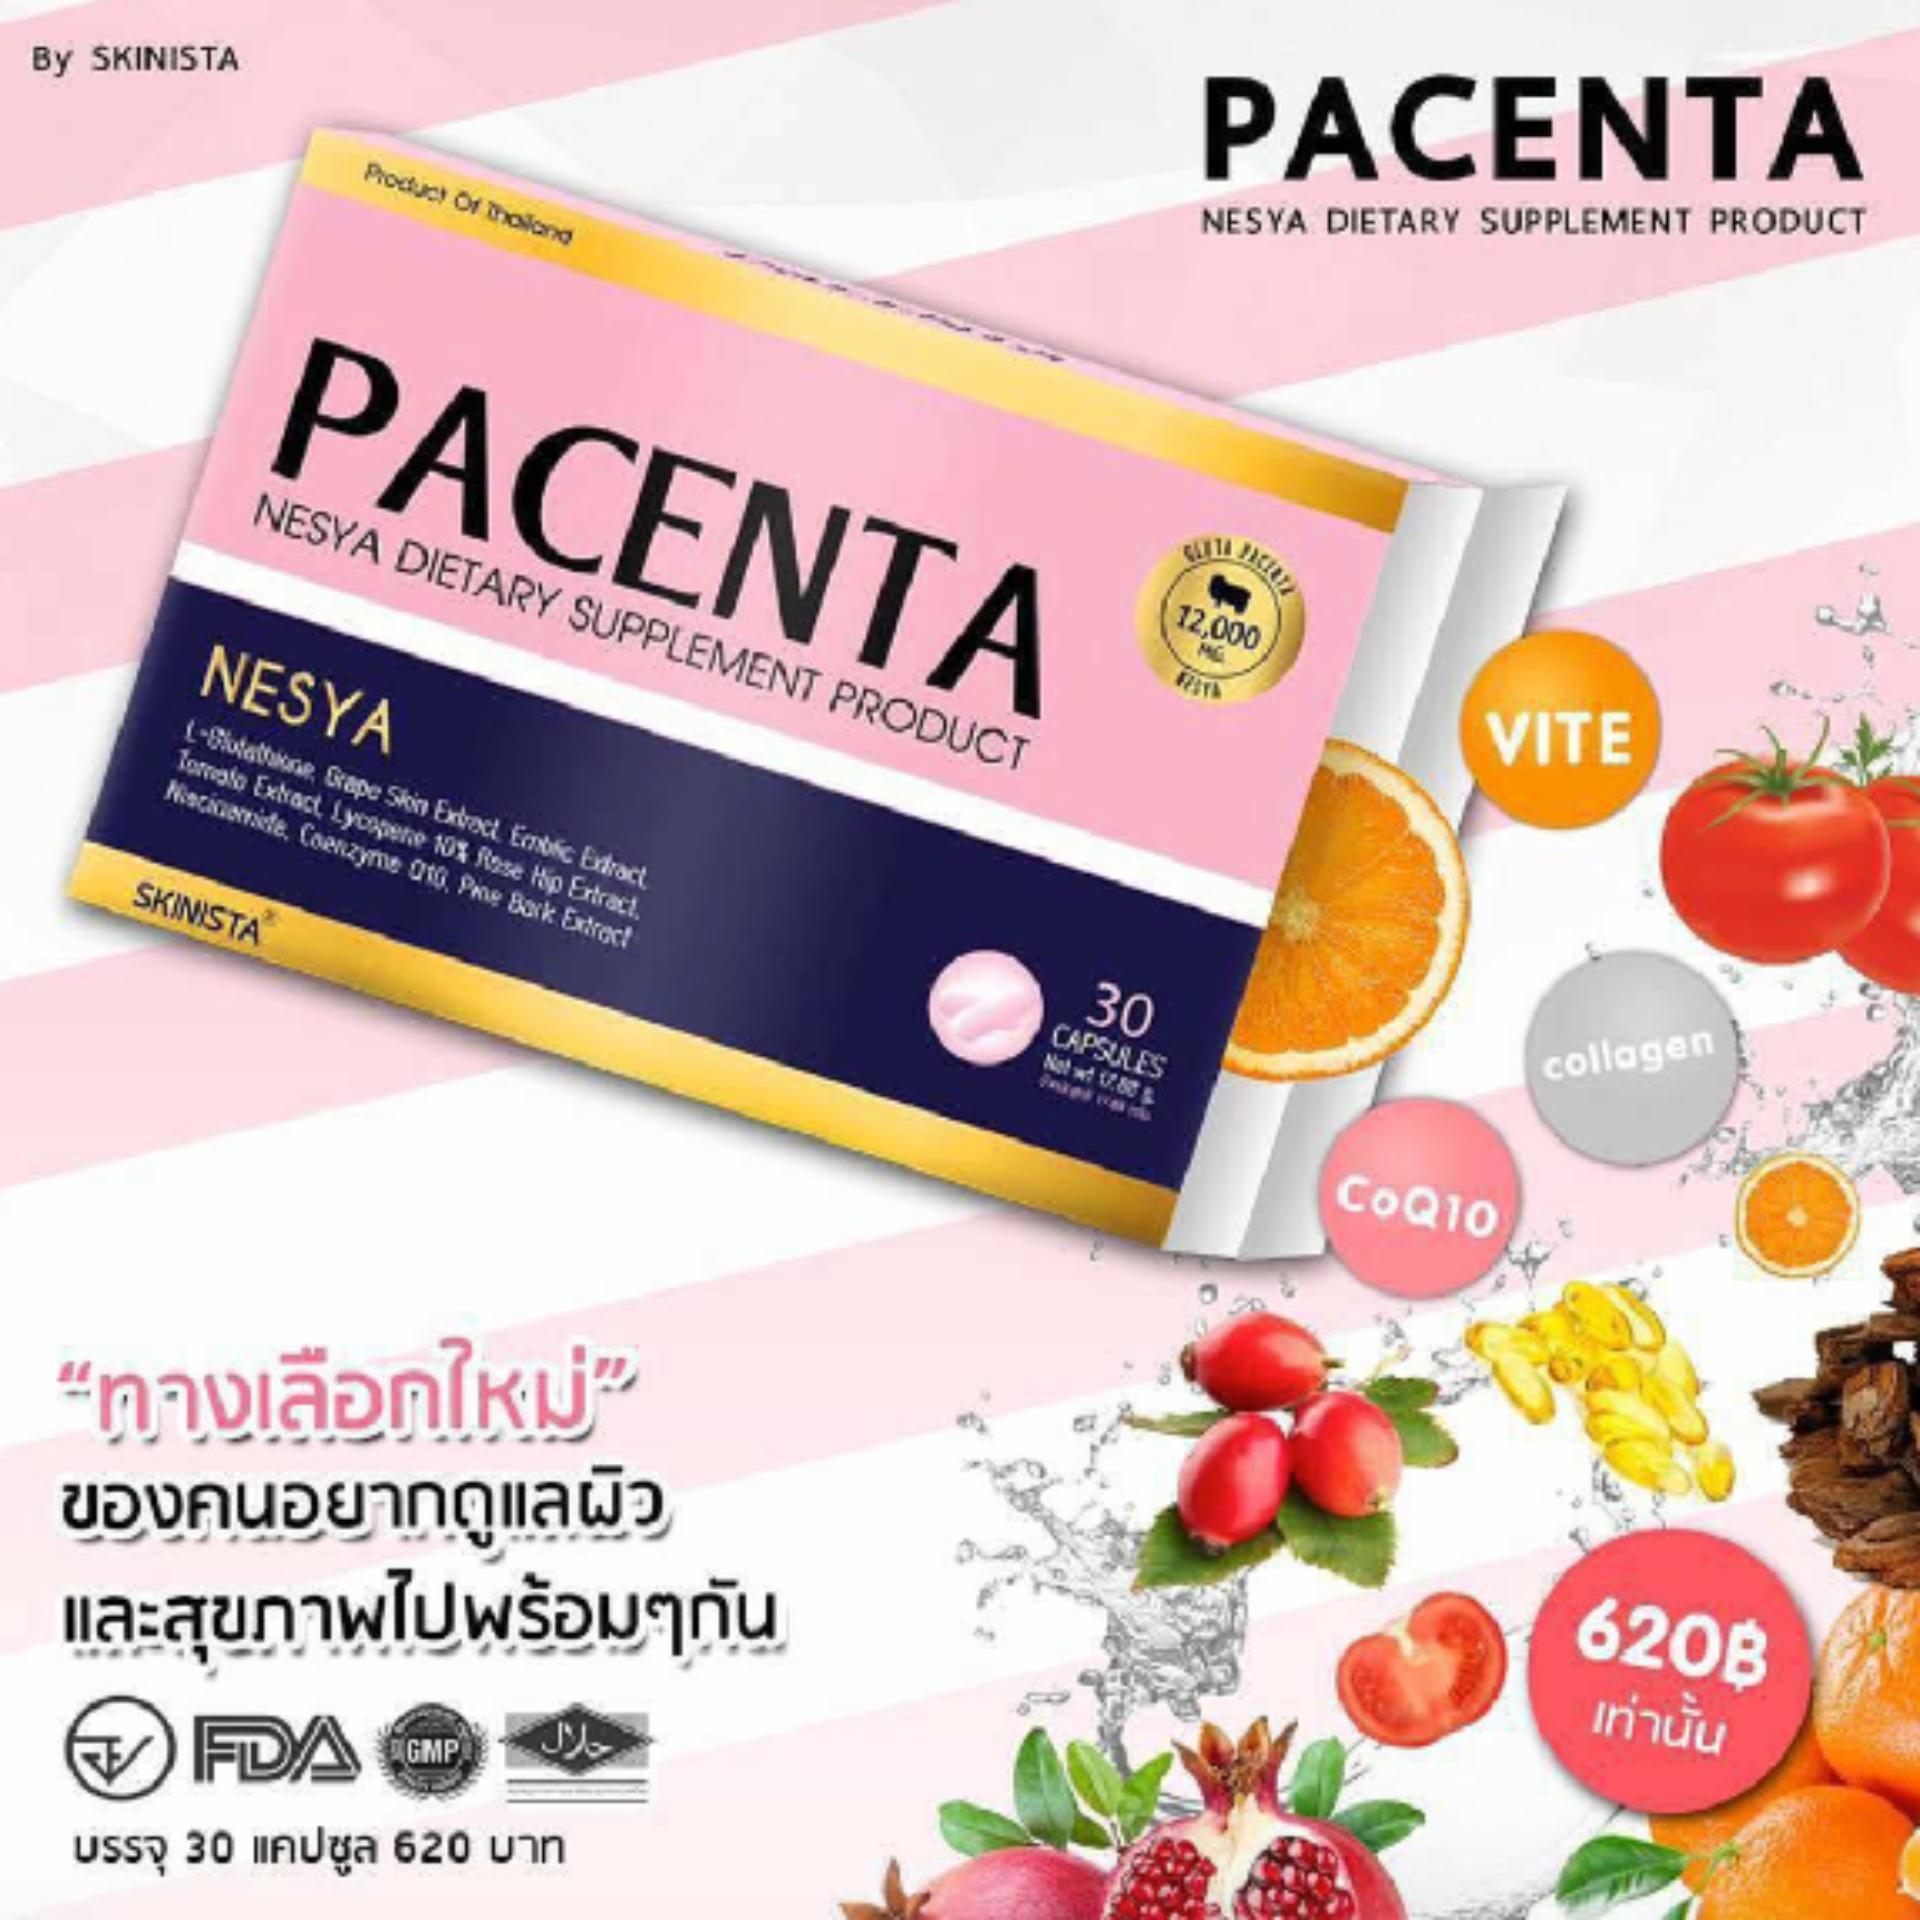 Pencari Harga Gluta Pacenta Whitening Jaminan 100 Asli 30 Kapsul Berrygloss  2 Gratis 1 Original Box